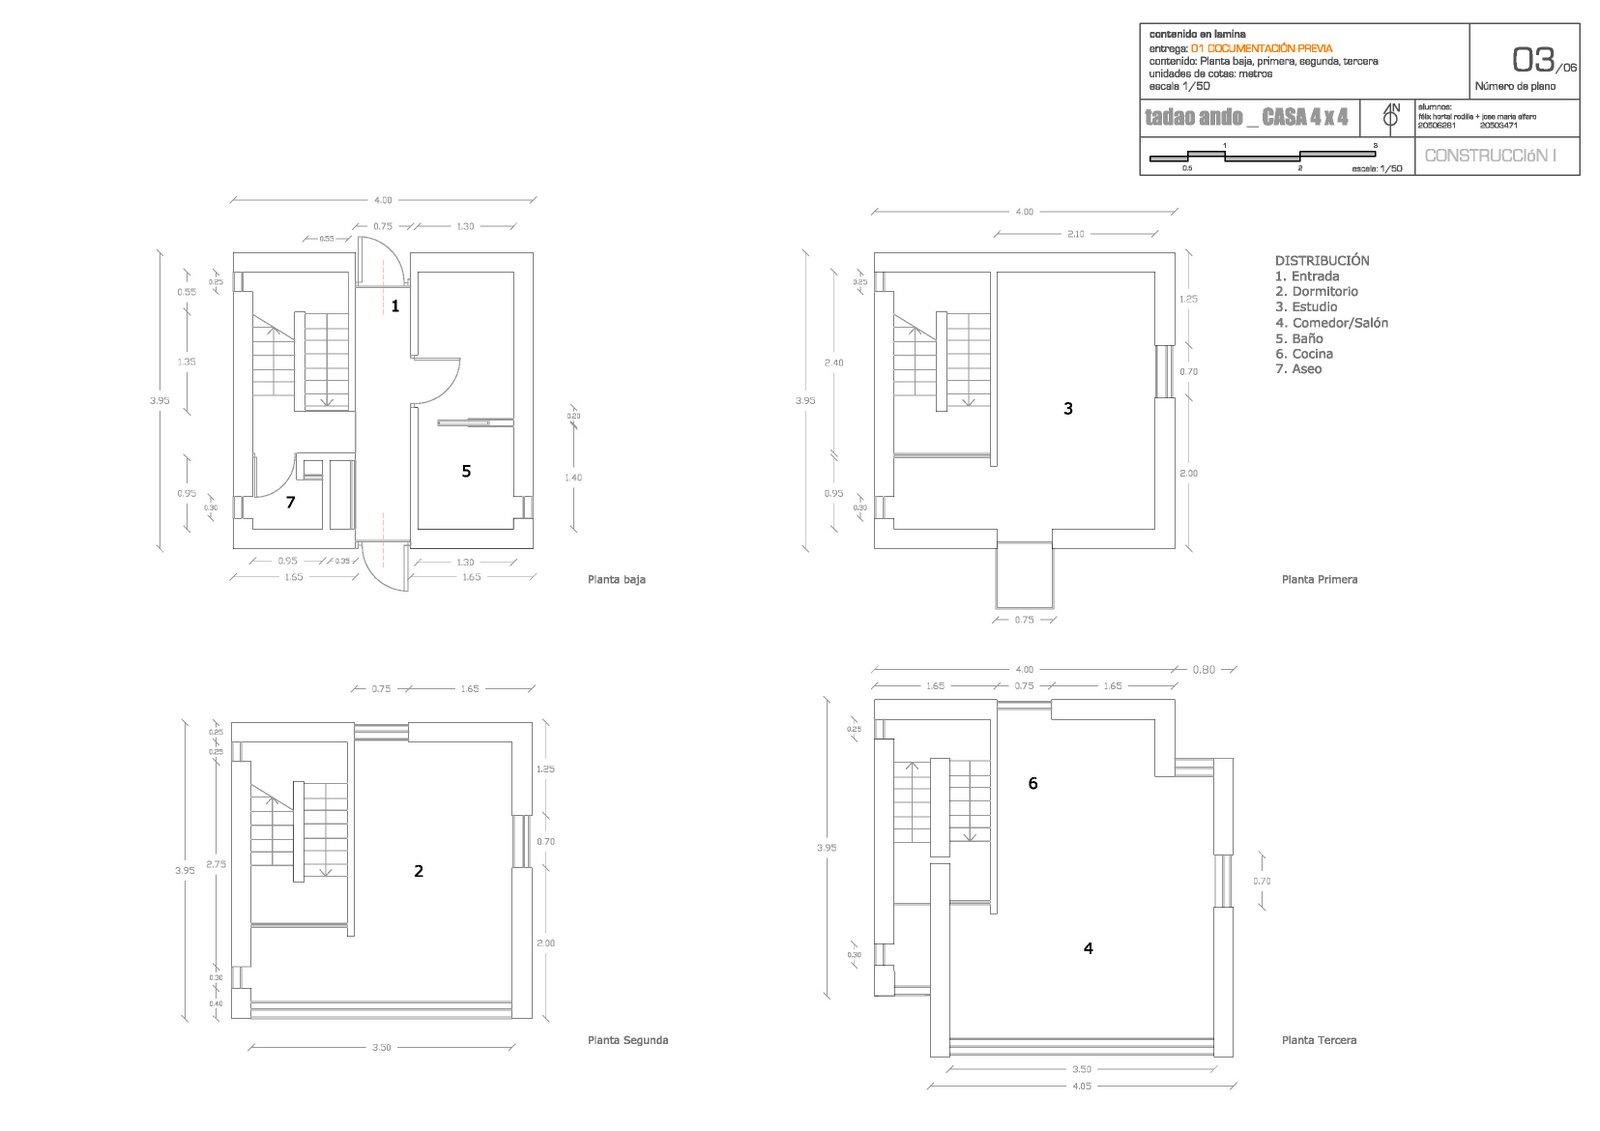 Building Plans For 4x4 : Casa tadao ando